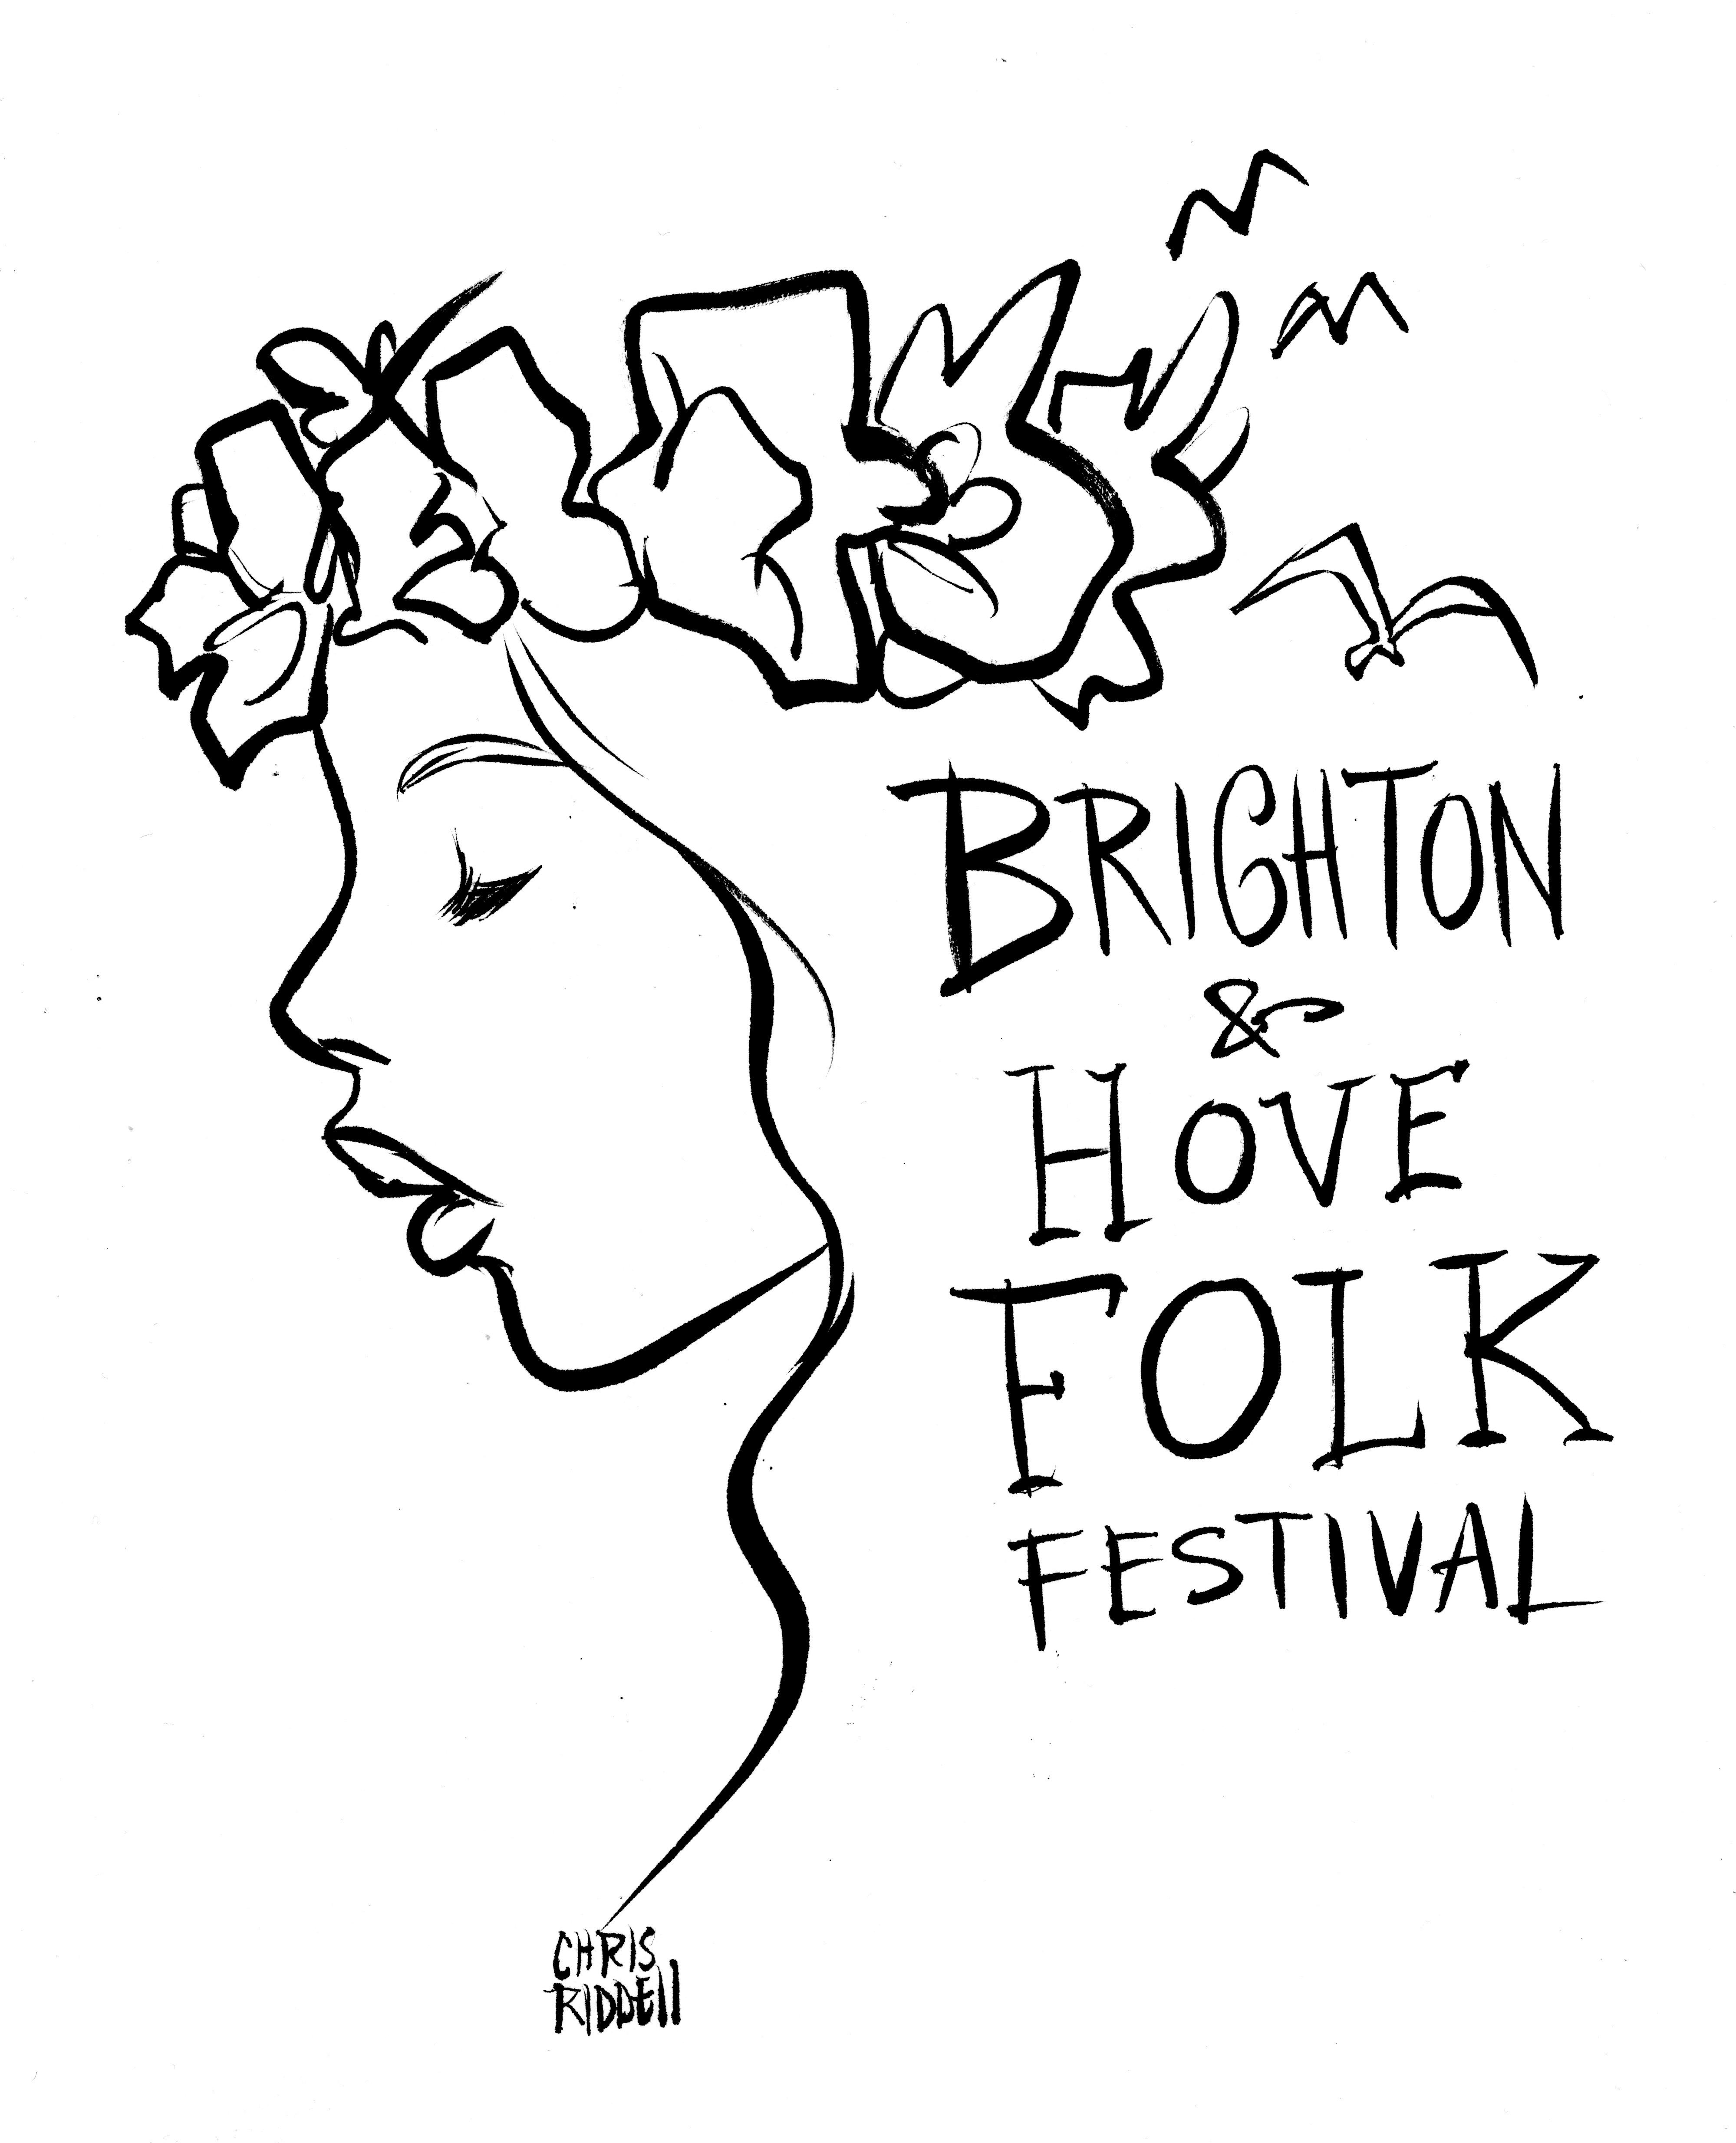 Brighton and Hove Folk Festival Announced